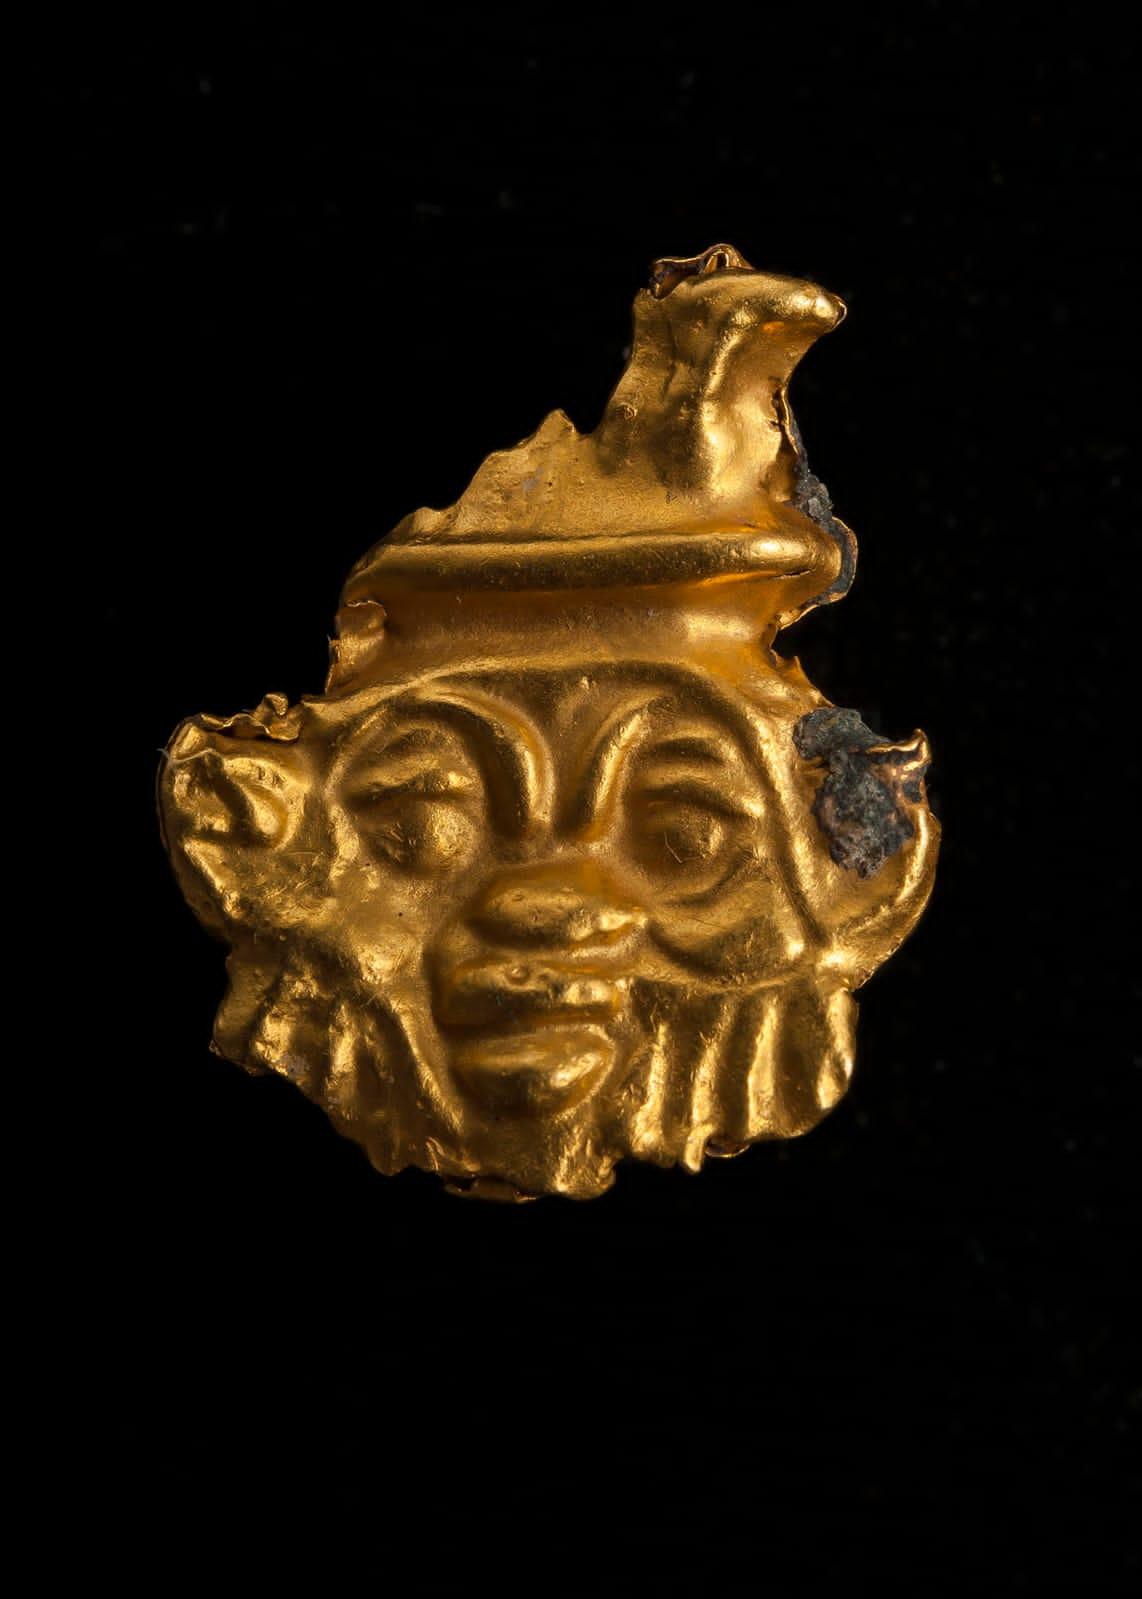 當地時間19日,在埃及地中海北部海岸阿布齊爾灣沉沒的托尼斯赫拉克利翁市發現了一塊黃金碎片。